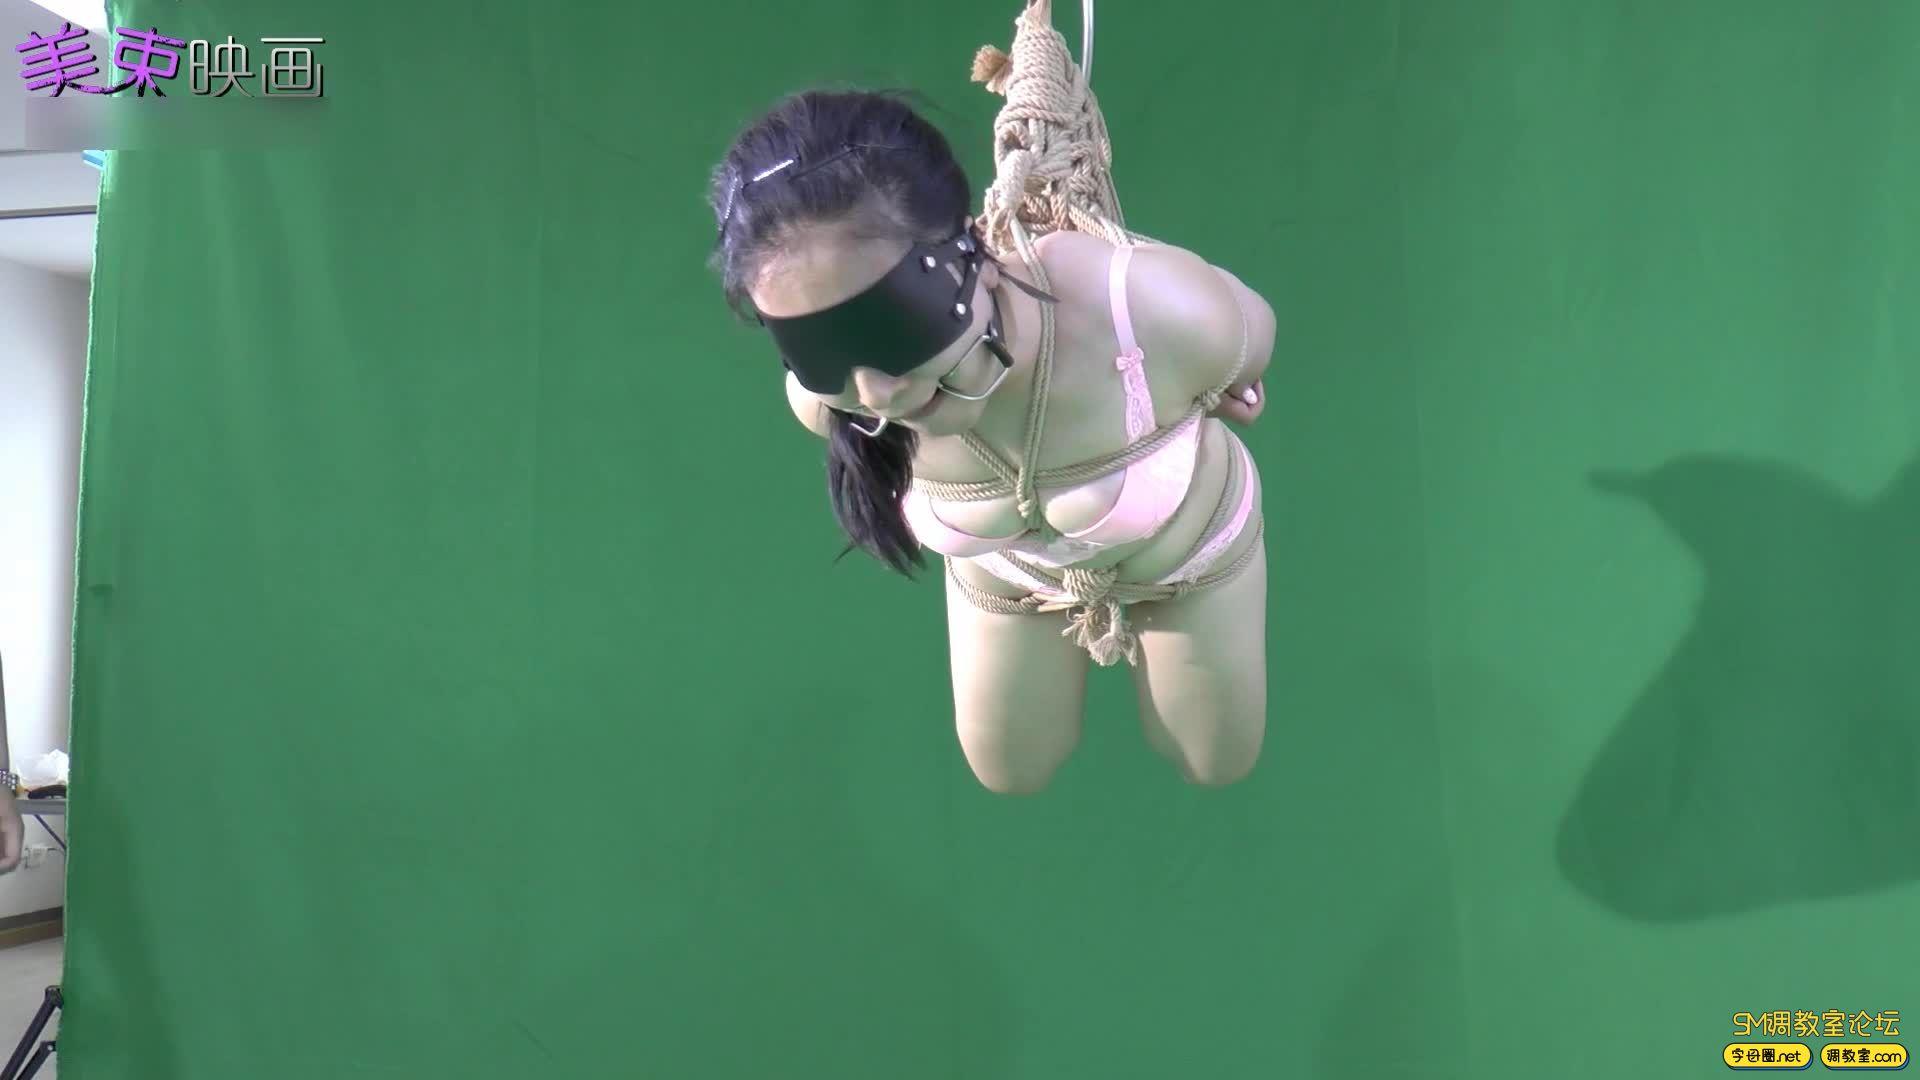 美束映画_00后嫩模再试绳艺  小萝莉的内衣吊缚 欧式驷马-视频截图2